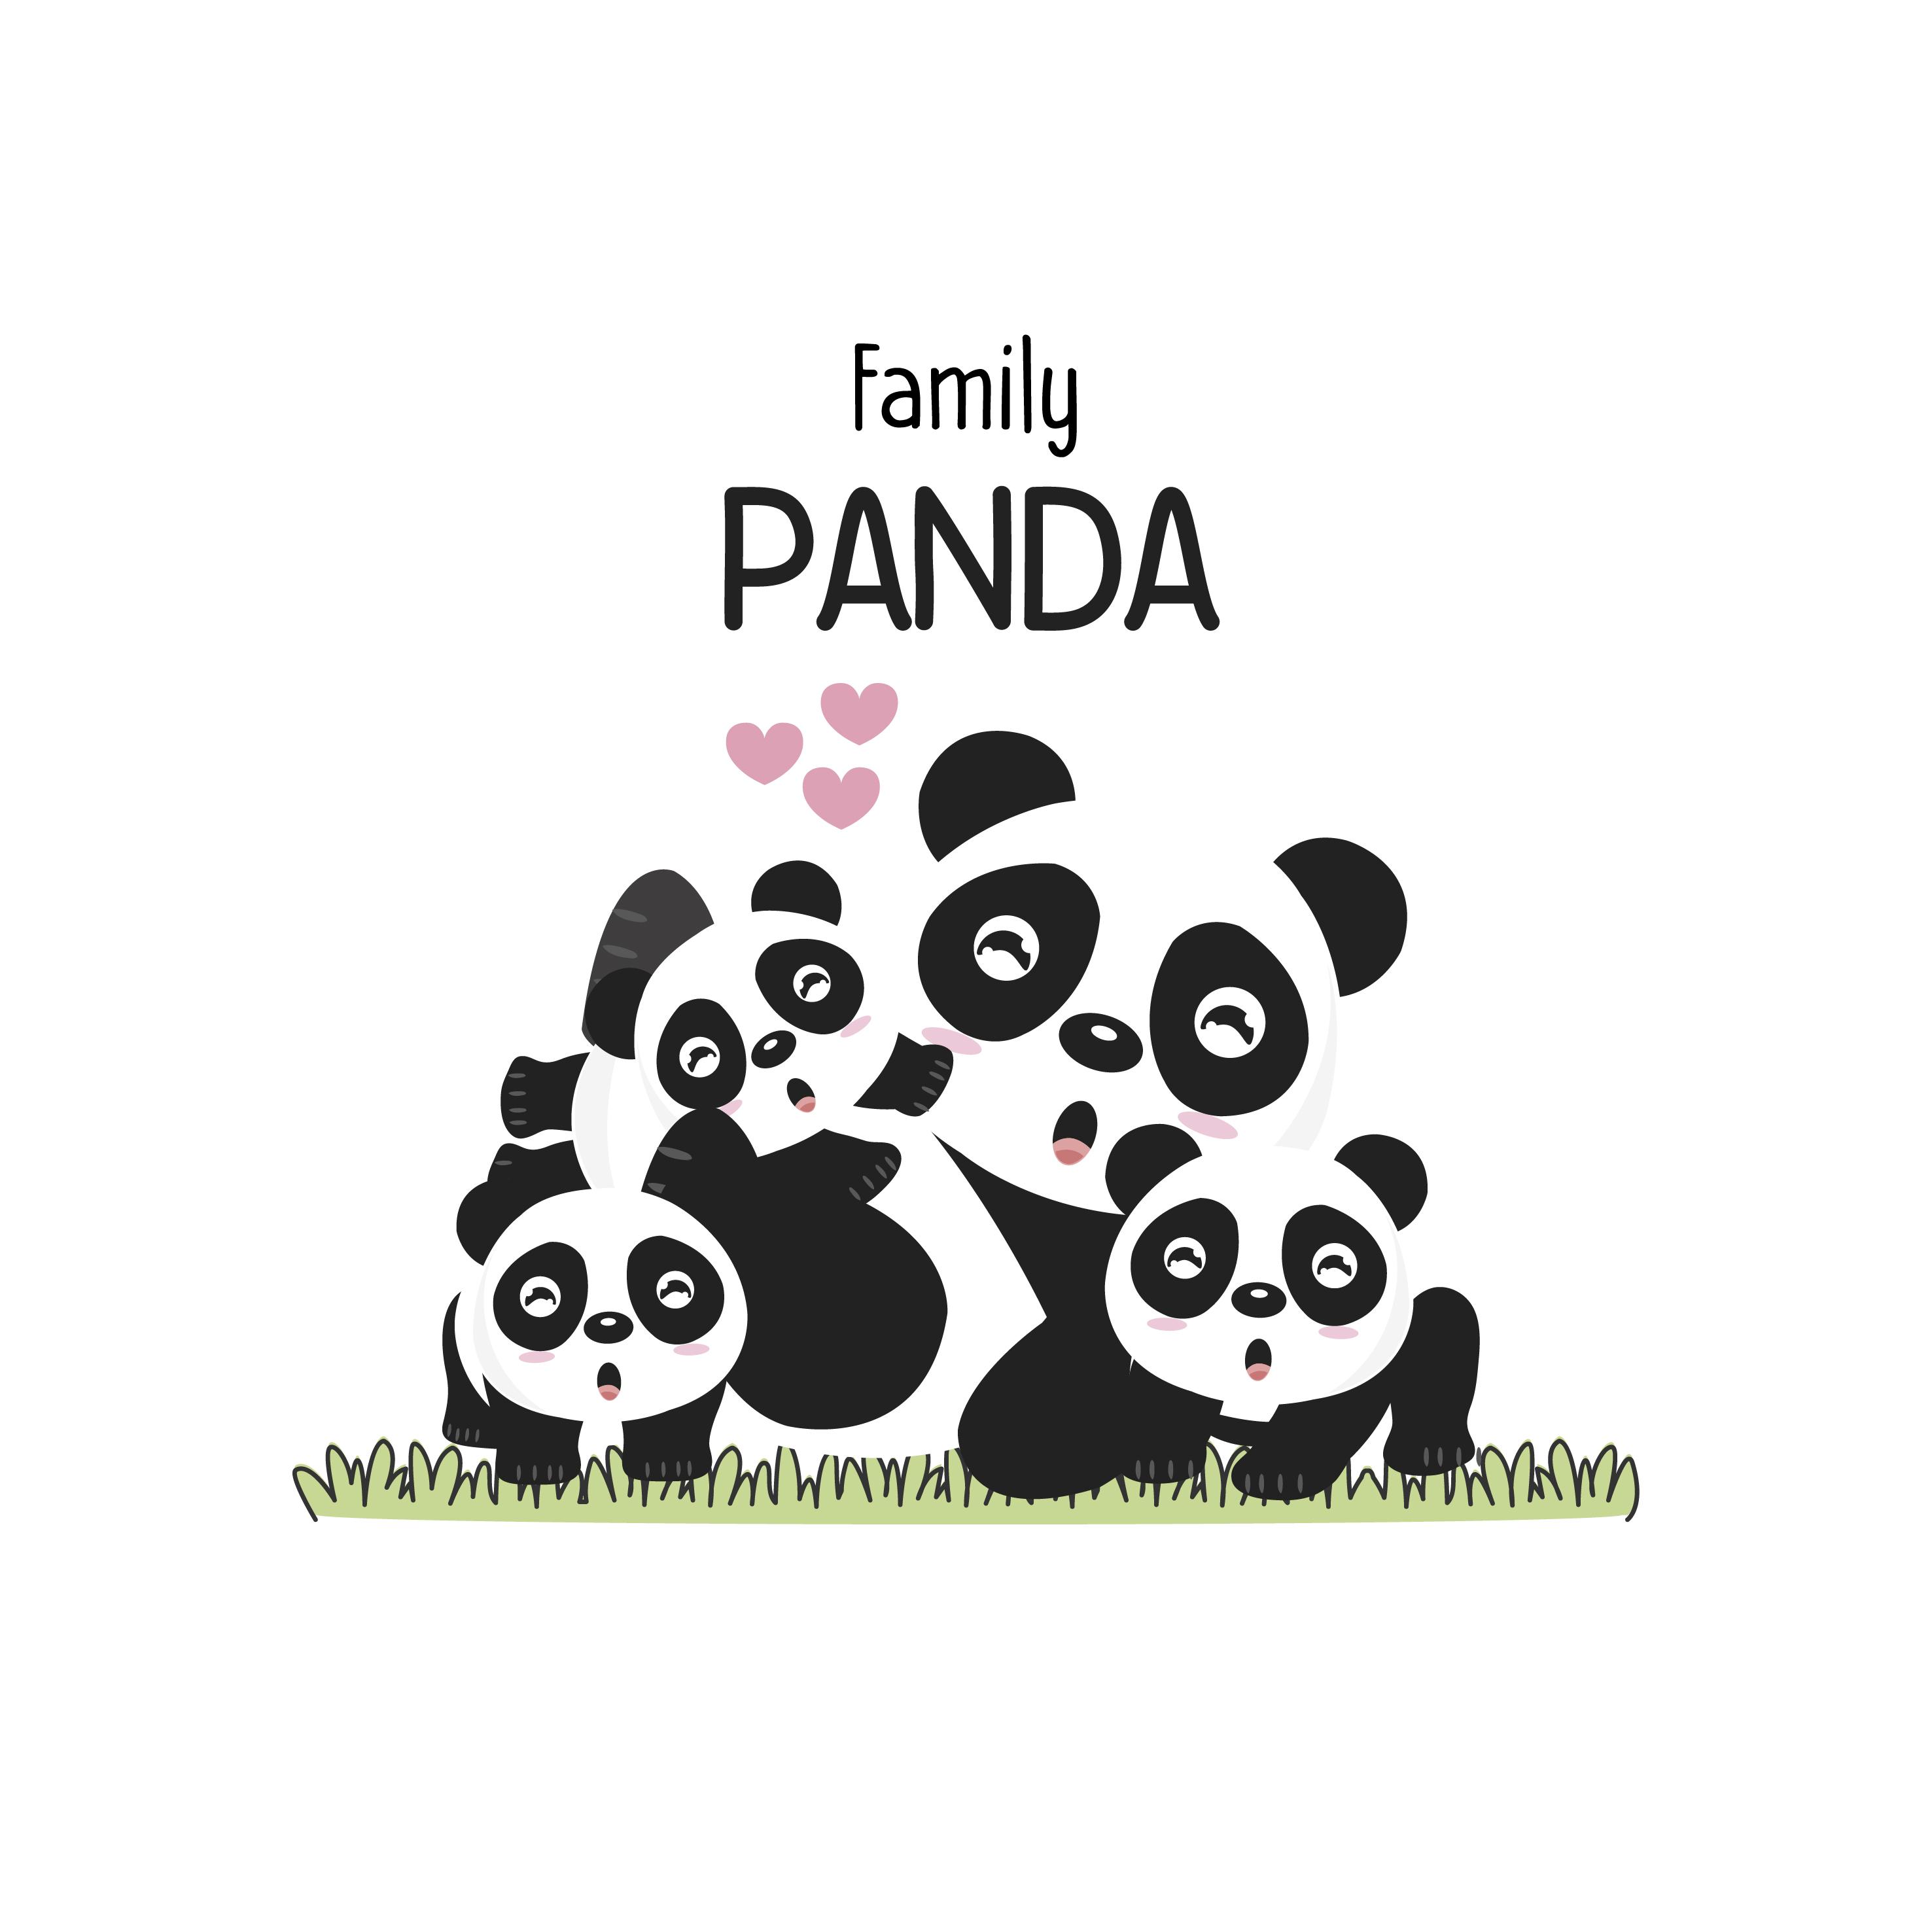 Newborn panda and mom - photo#53